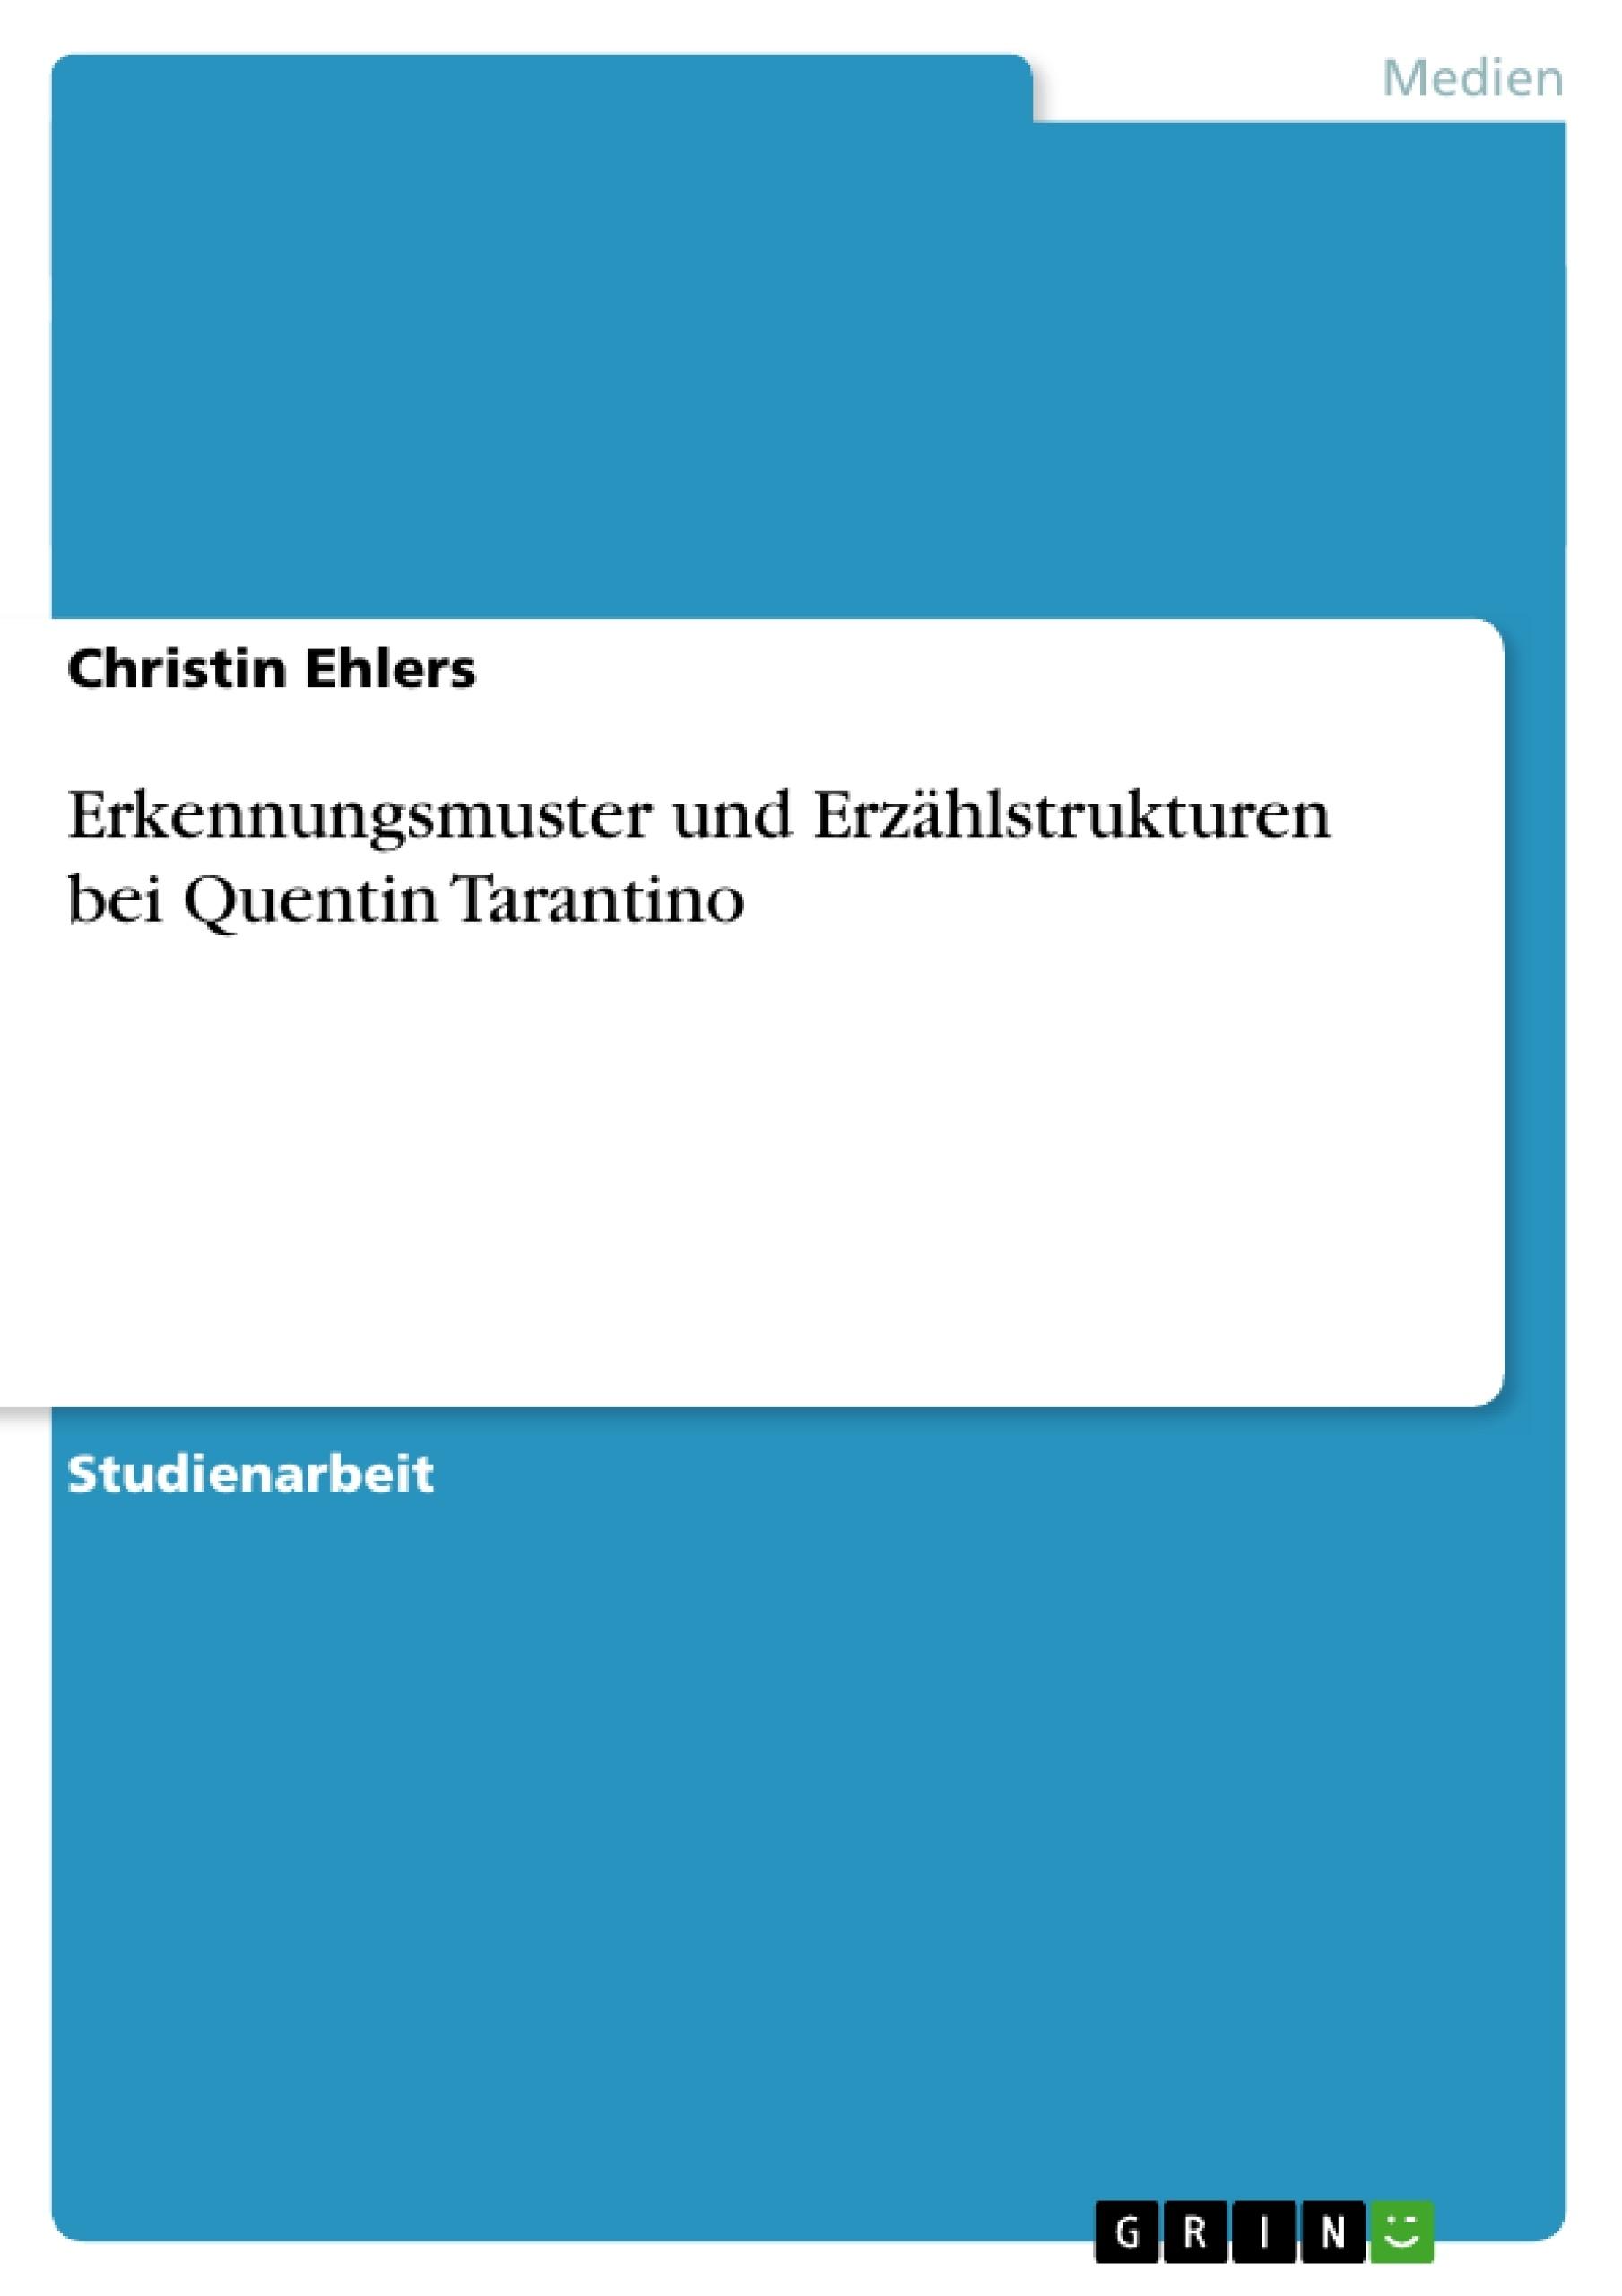 Titel: Erkennungsmuster und Erzählstrukturen bei Quentin Tarantino